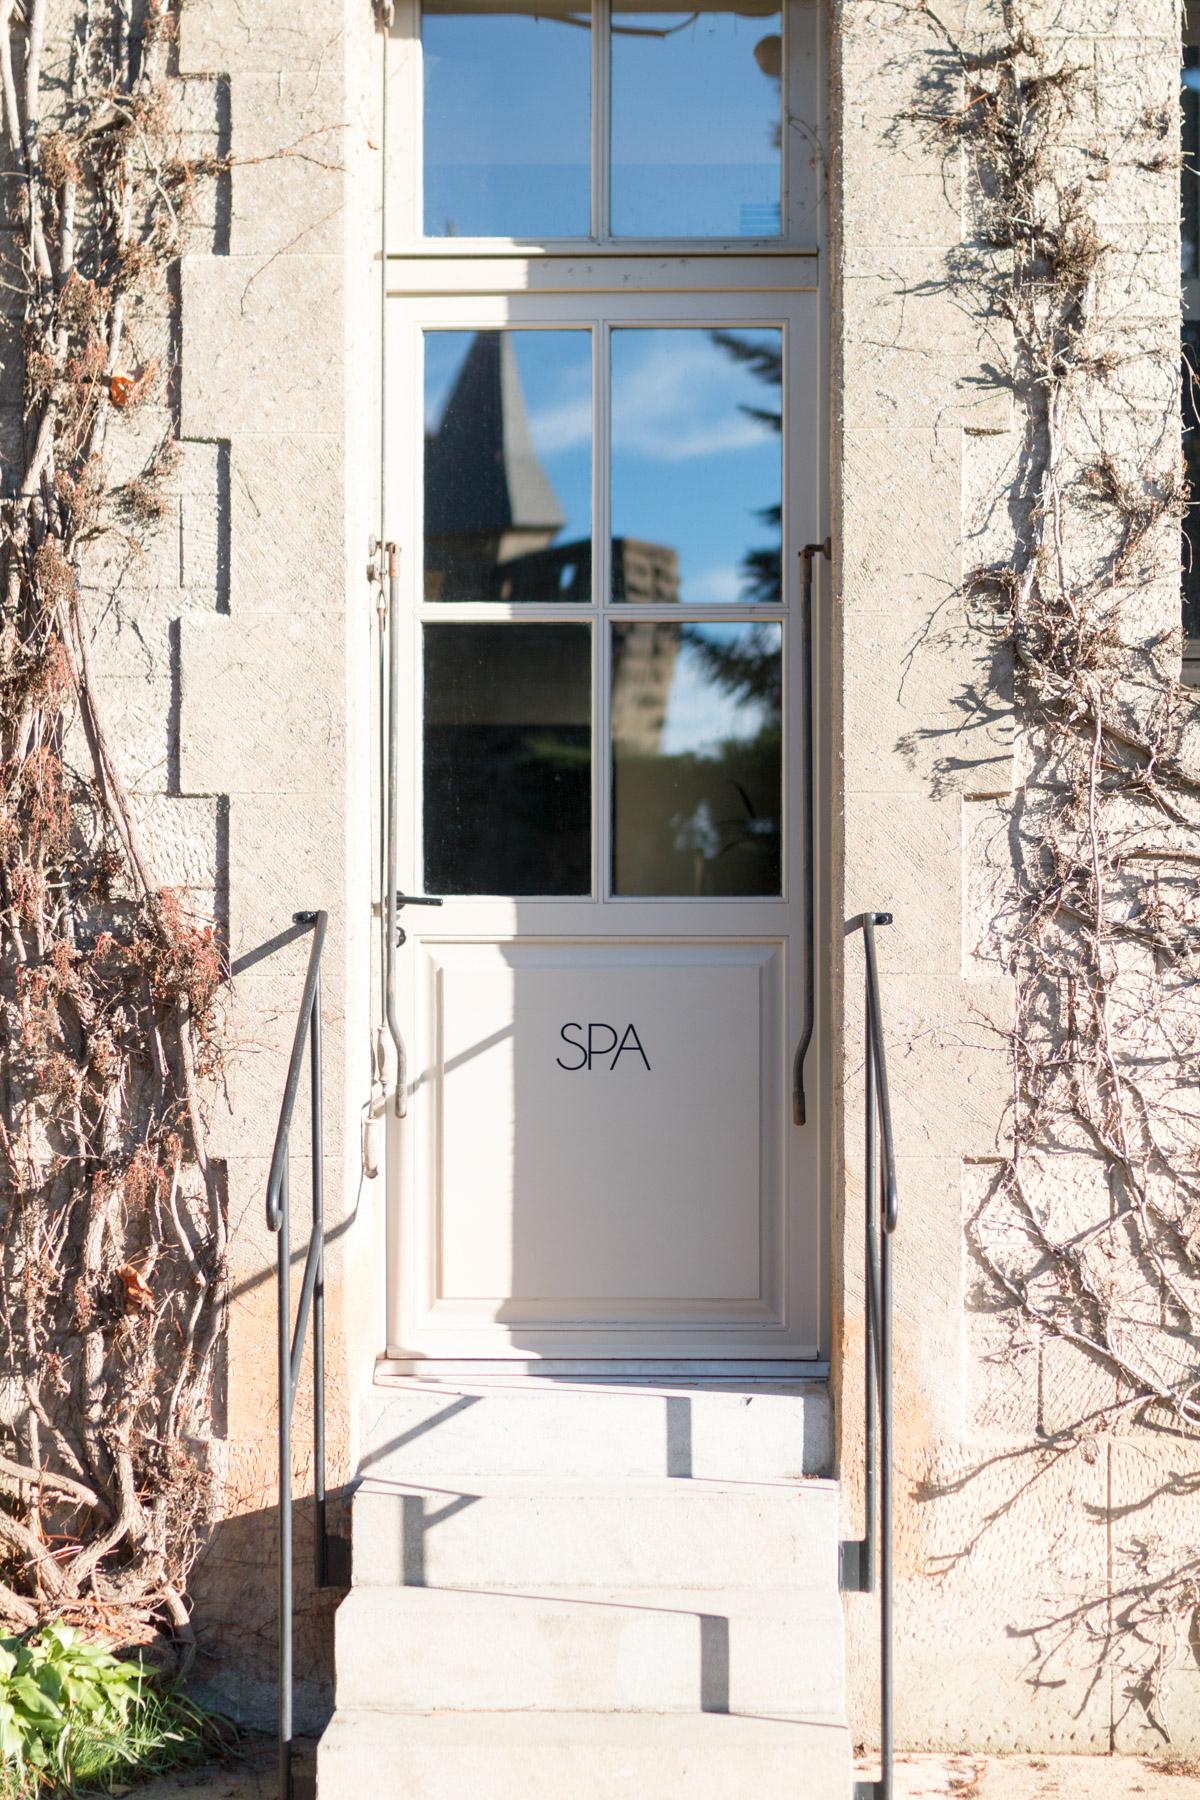 Hotel de la cite Carcassonne spa I Sp4nkblog-9